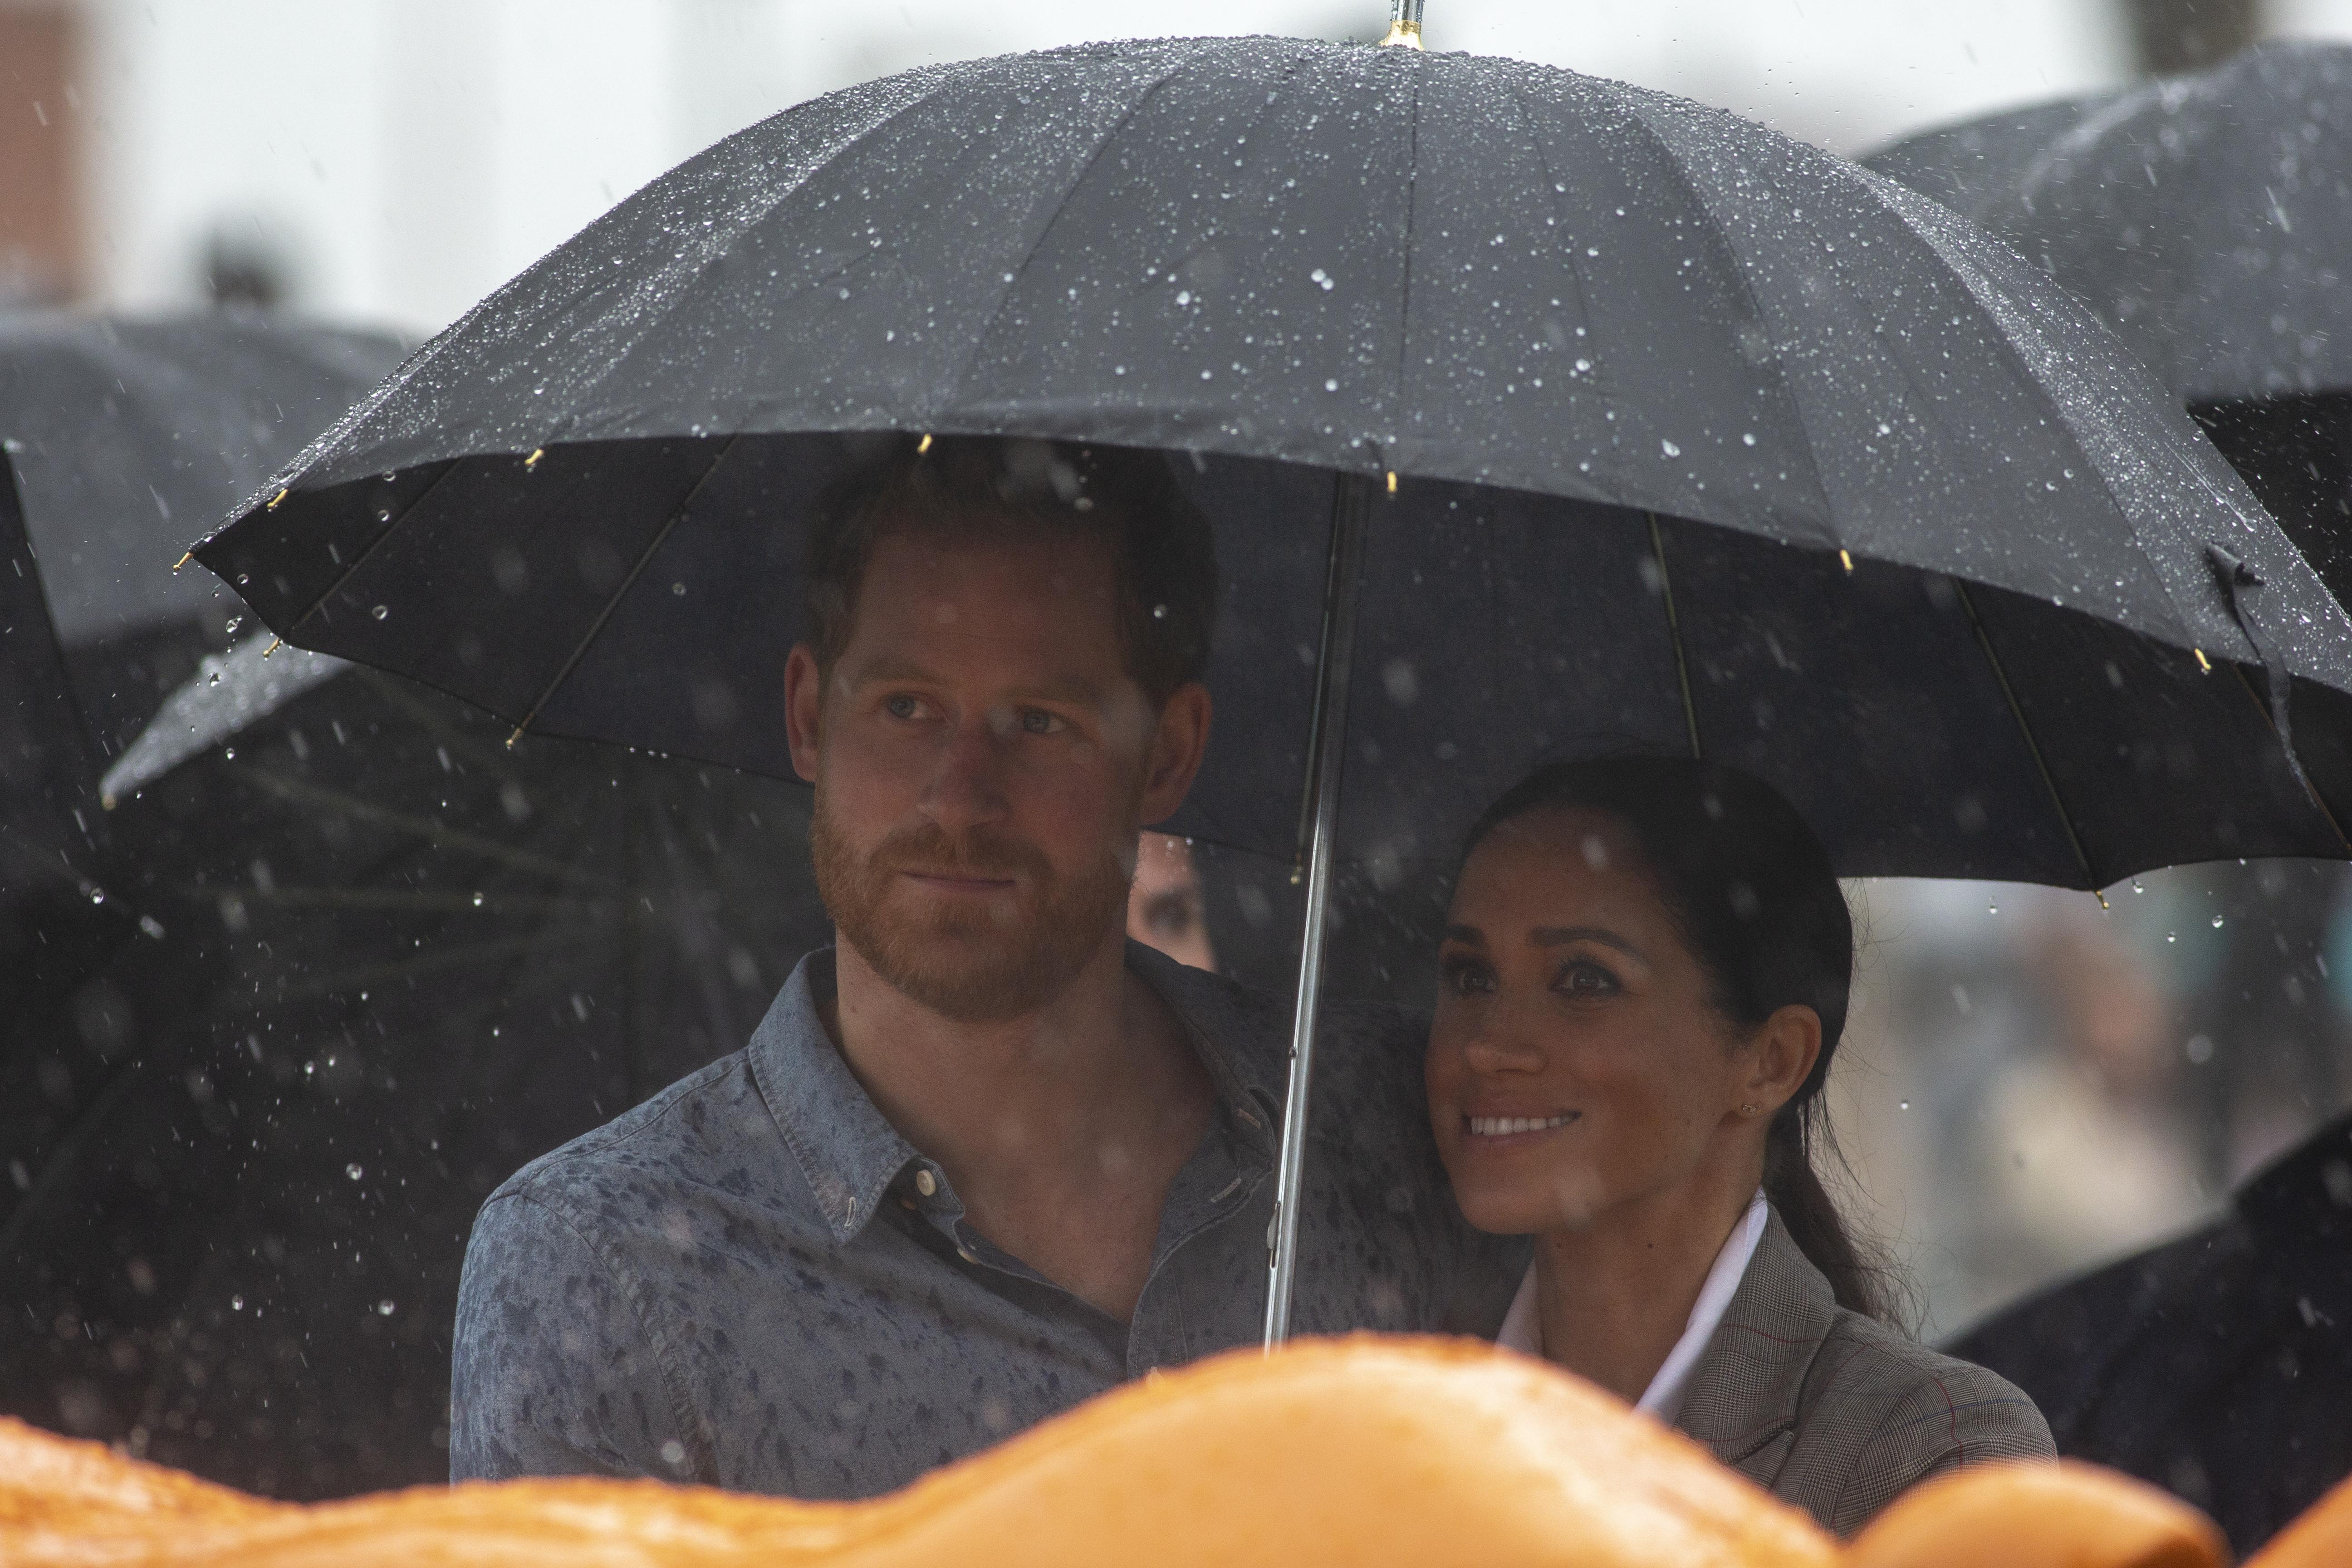 O momento adorável em que Meghan Markle tenta proteger Harry da chuva